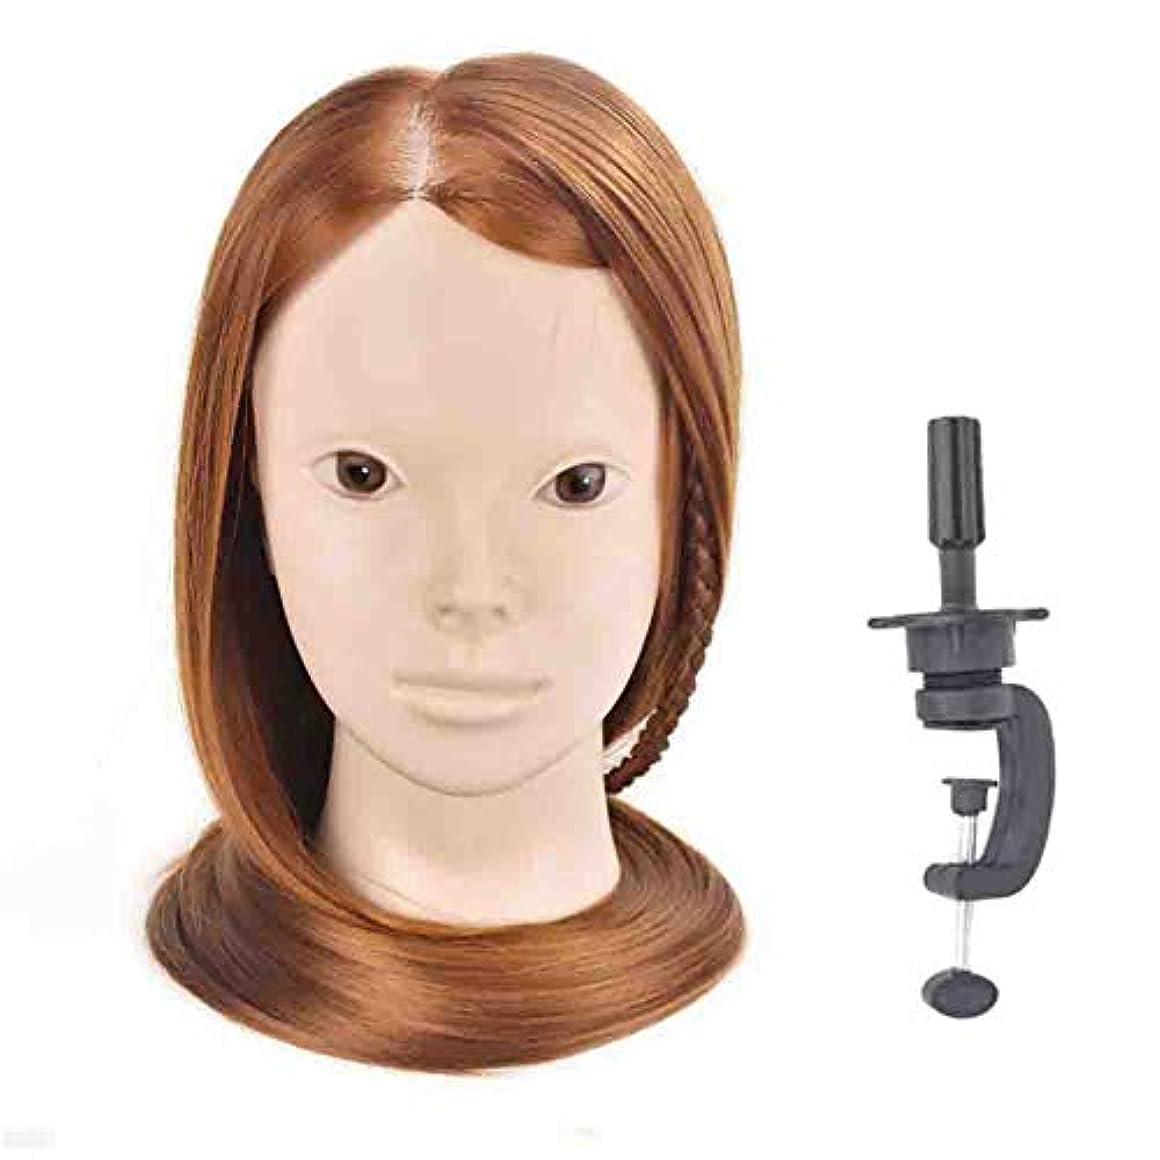 提案モルヒネ心理的には、花嫁の髪編組ひも学習ヘッドモデル理髪モデルヘッド理髪サロン散髪ダミー練習ヘッド